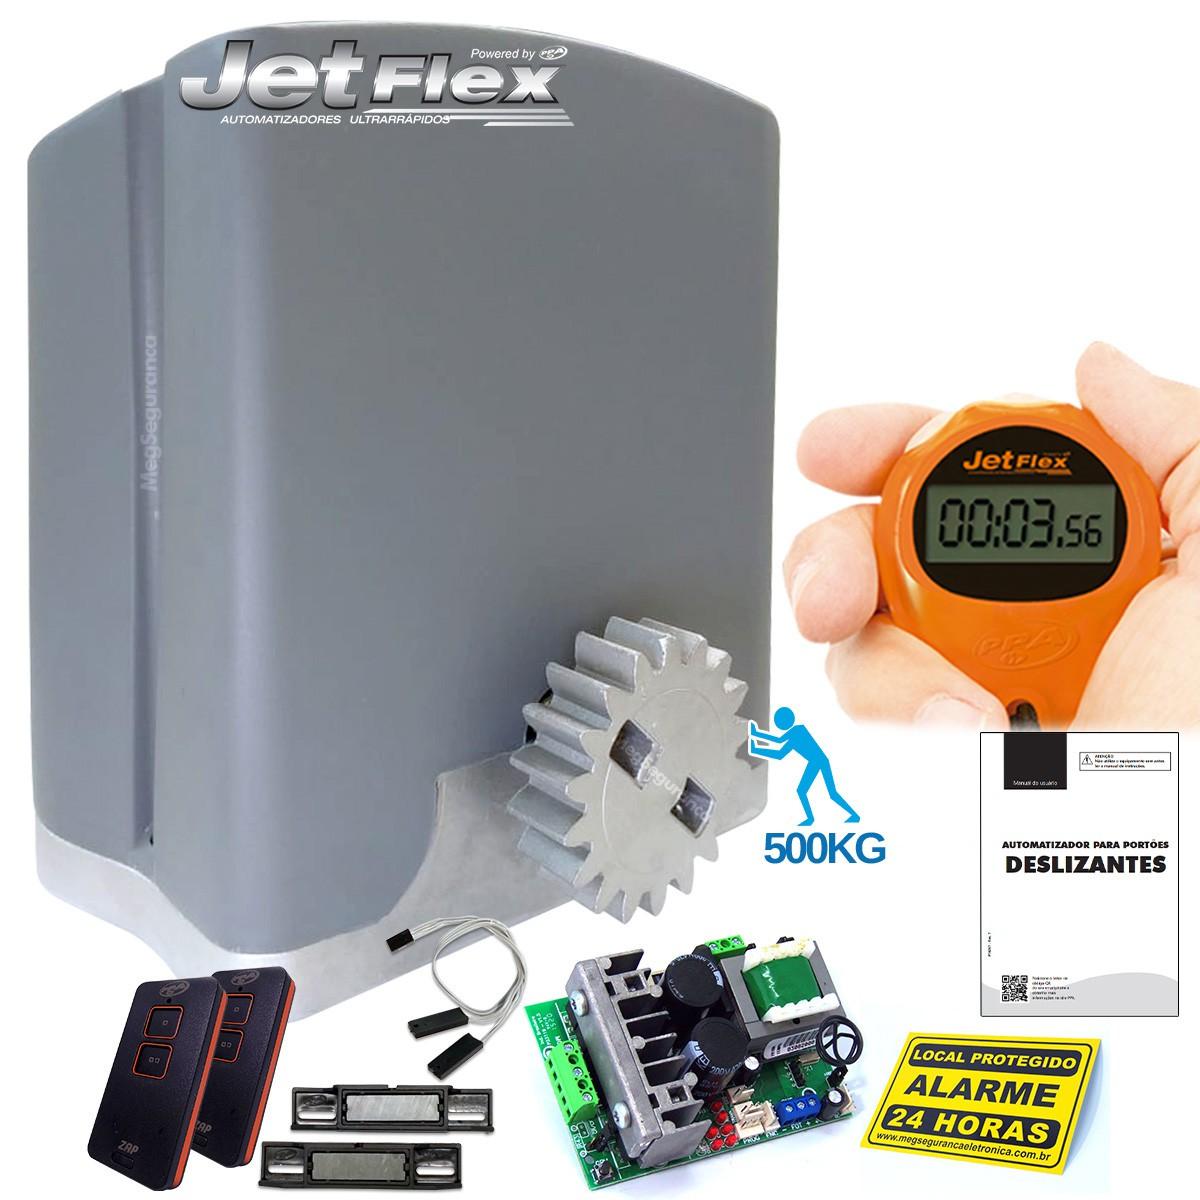 Kit 1 Motor PPA DZ Rio Jetflex 2 Controles Portão Eletrônico 500kg